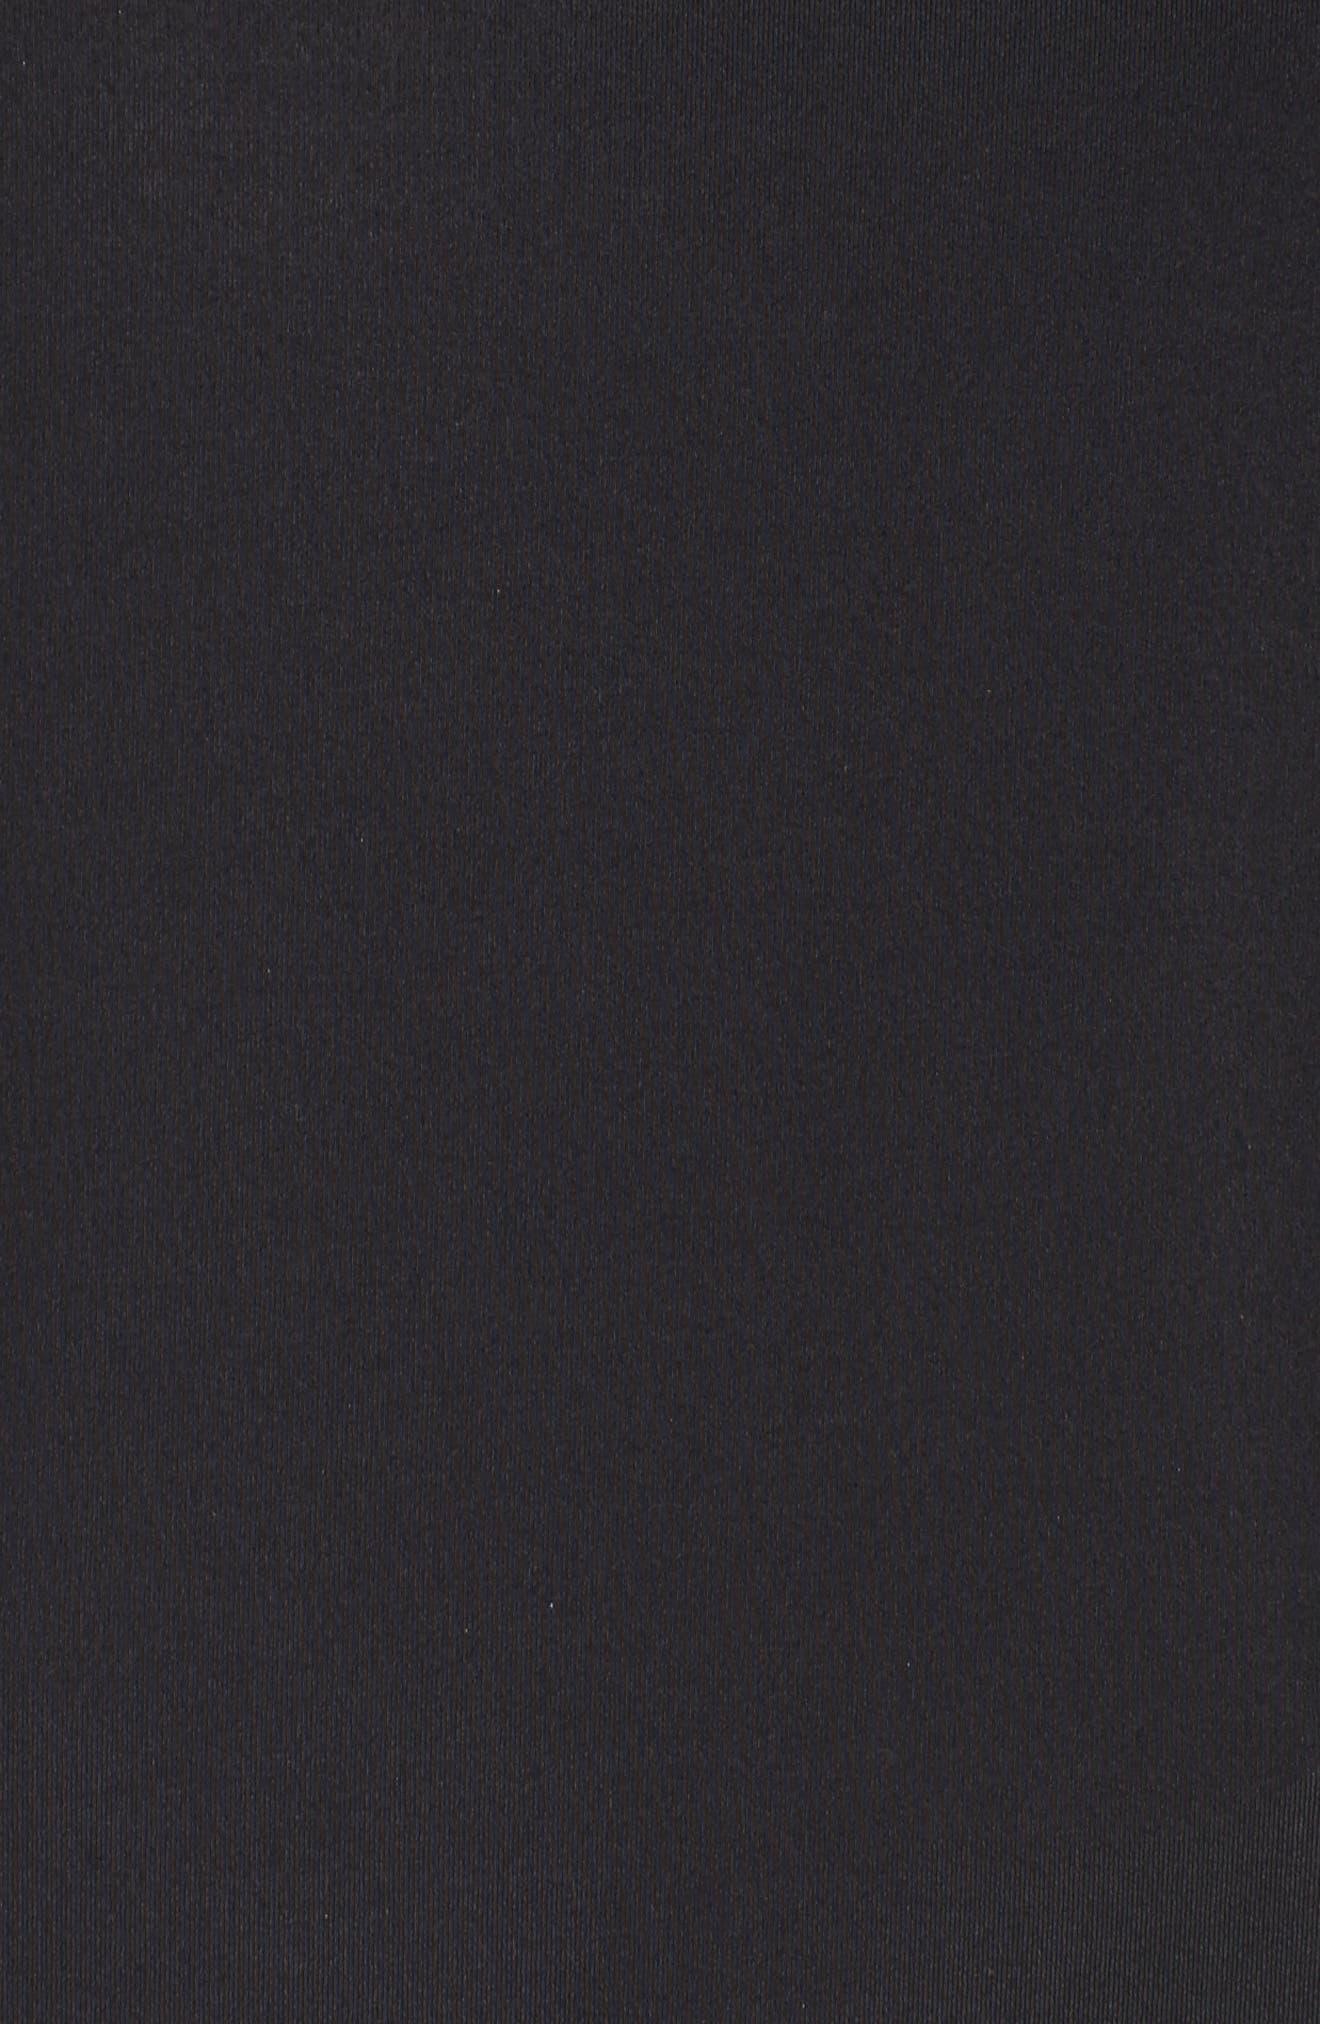 Mesh Sleeve Funnel Neck Pullover,                             Alternate thumbnail 6, color,                             Black